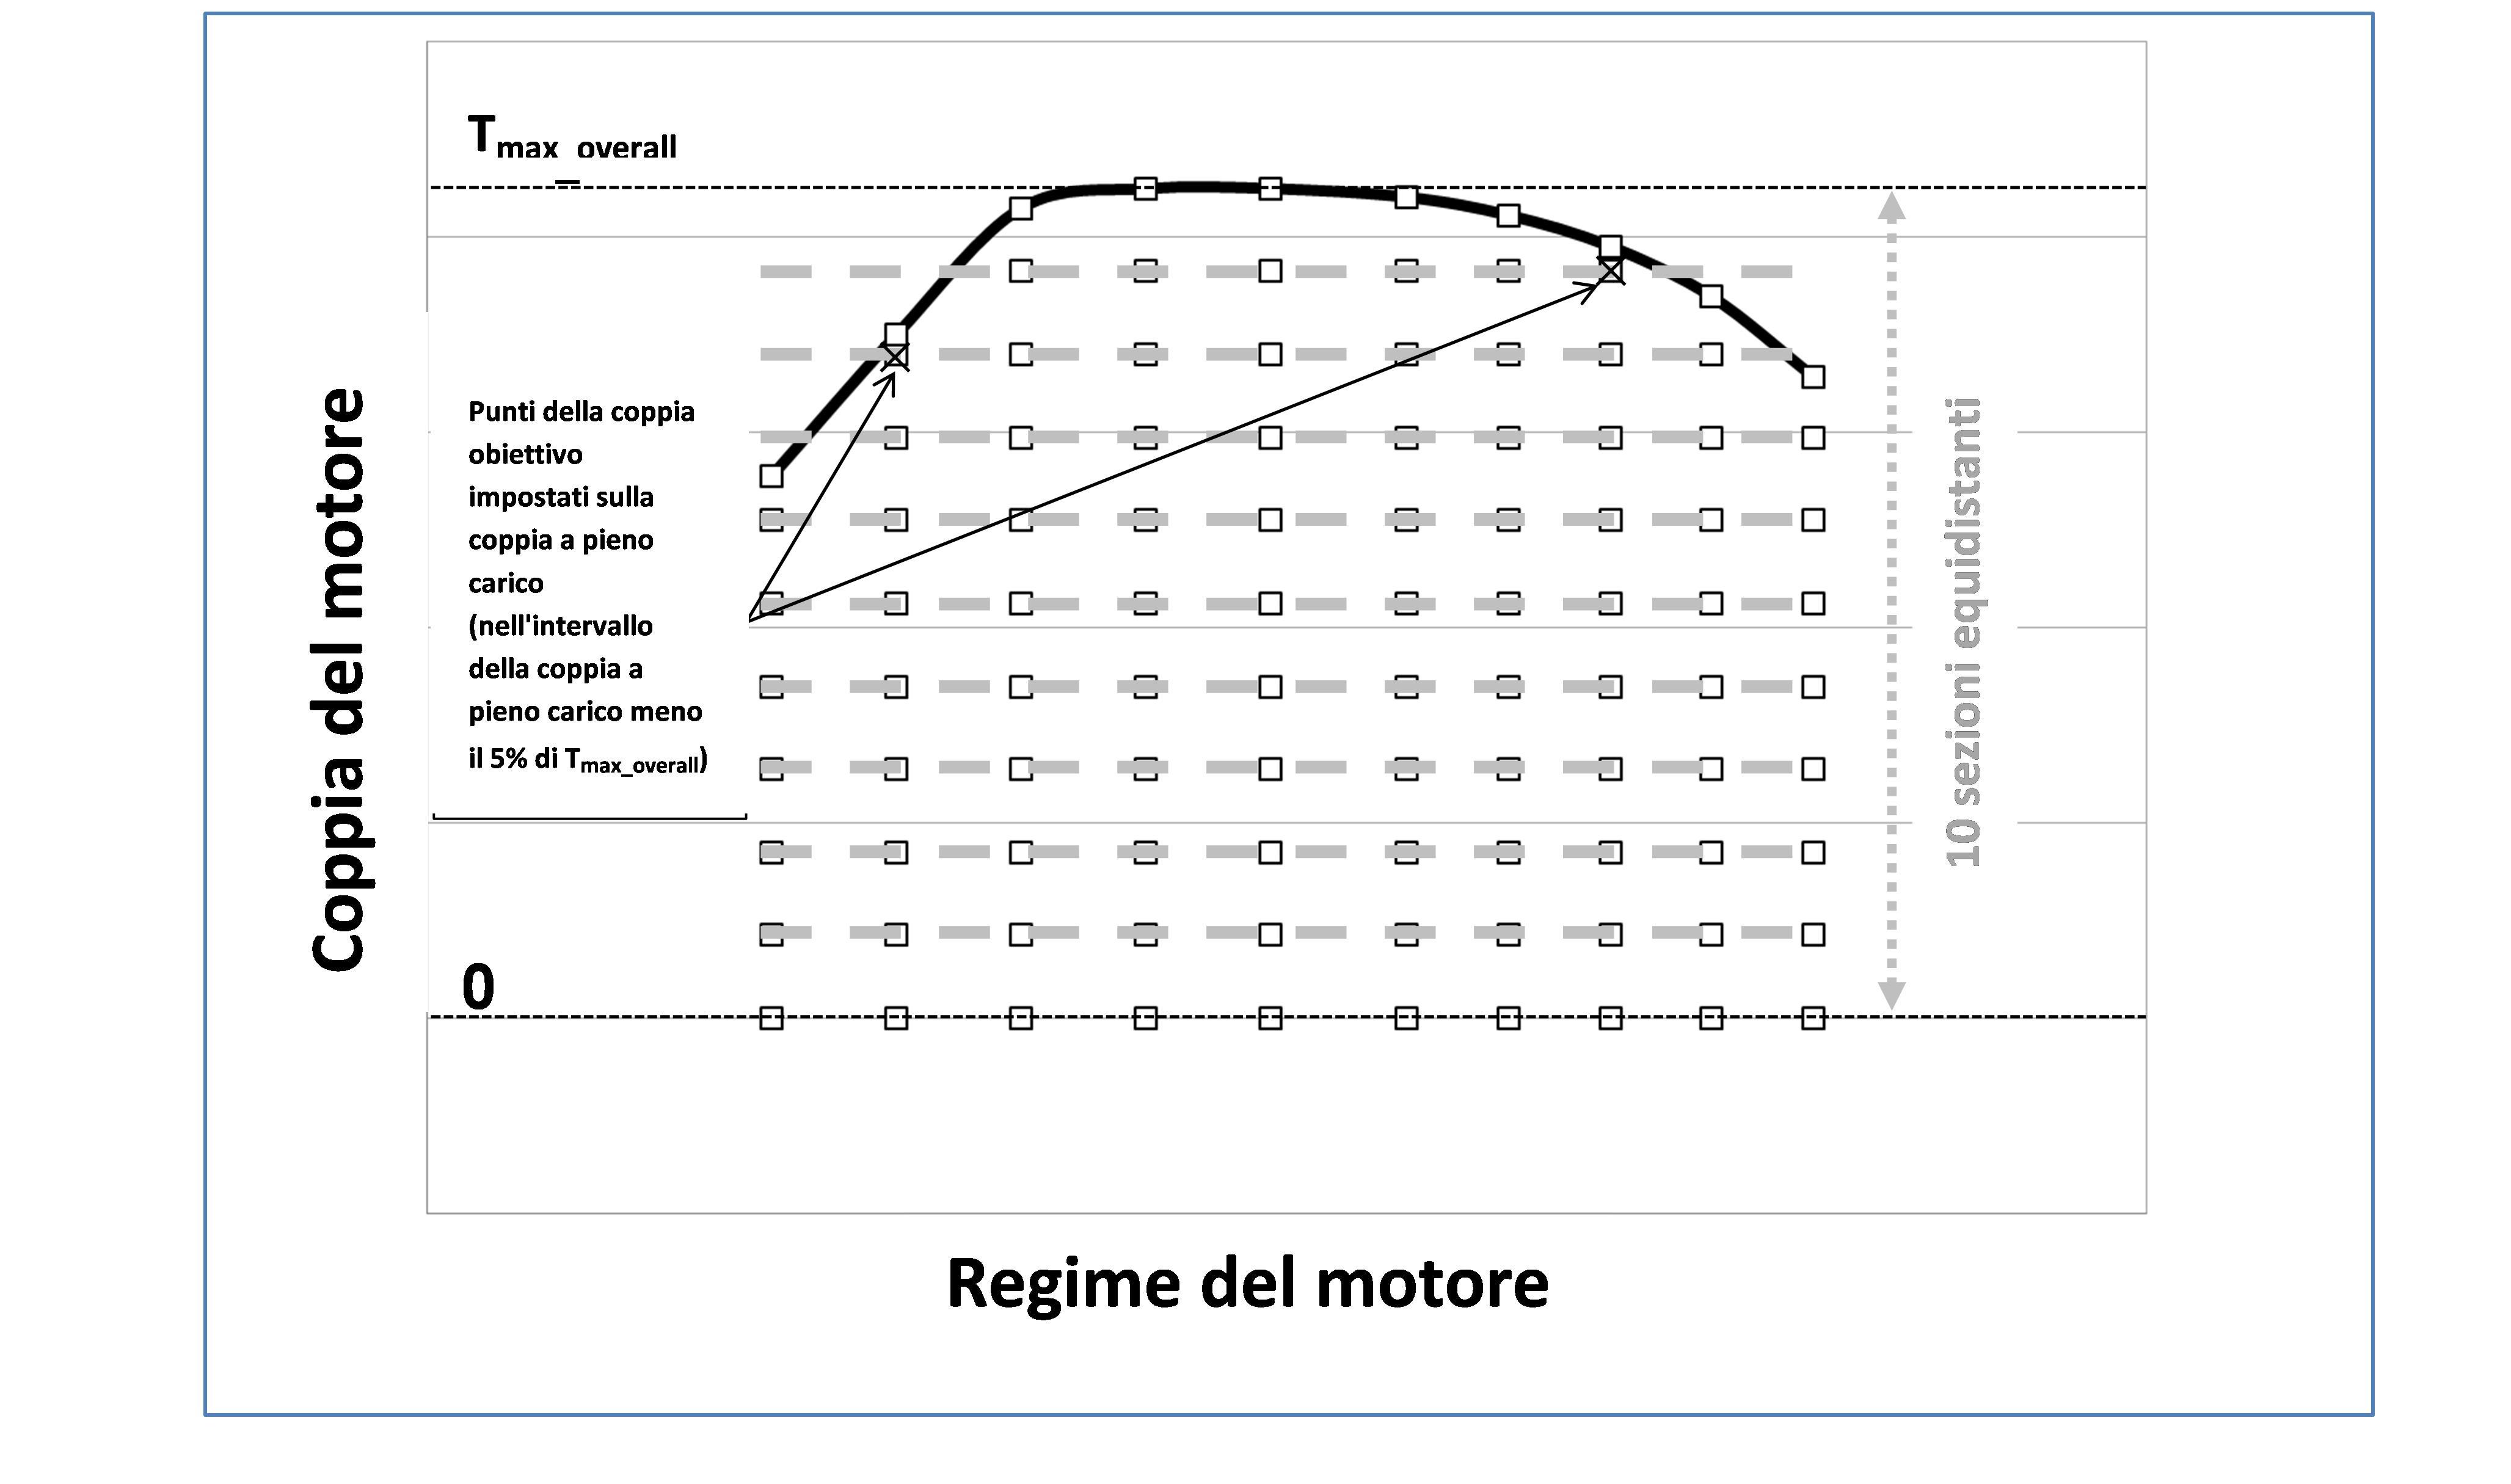 DENTATO AX-Sezione V-BELT-Seleziona intervallo Un 26 CRE